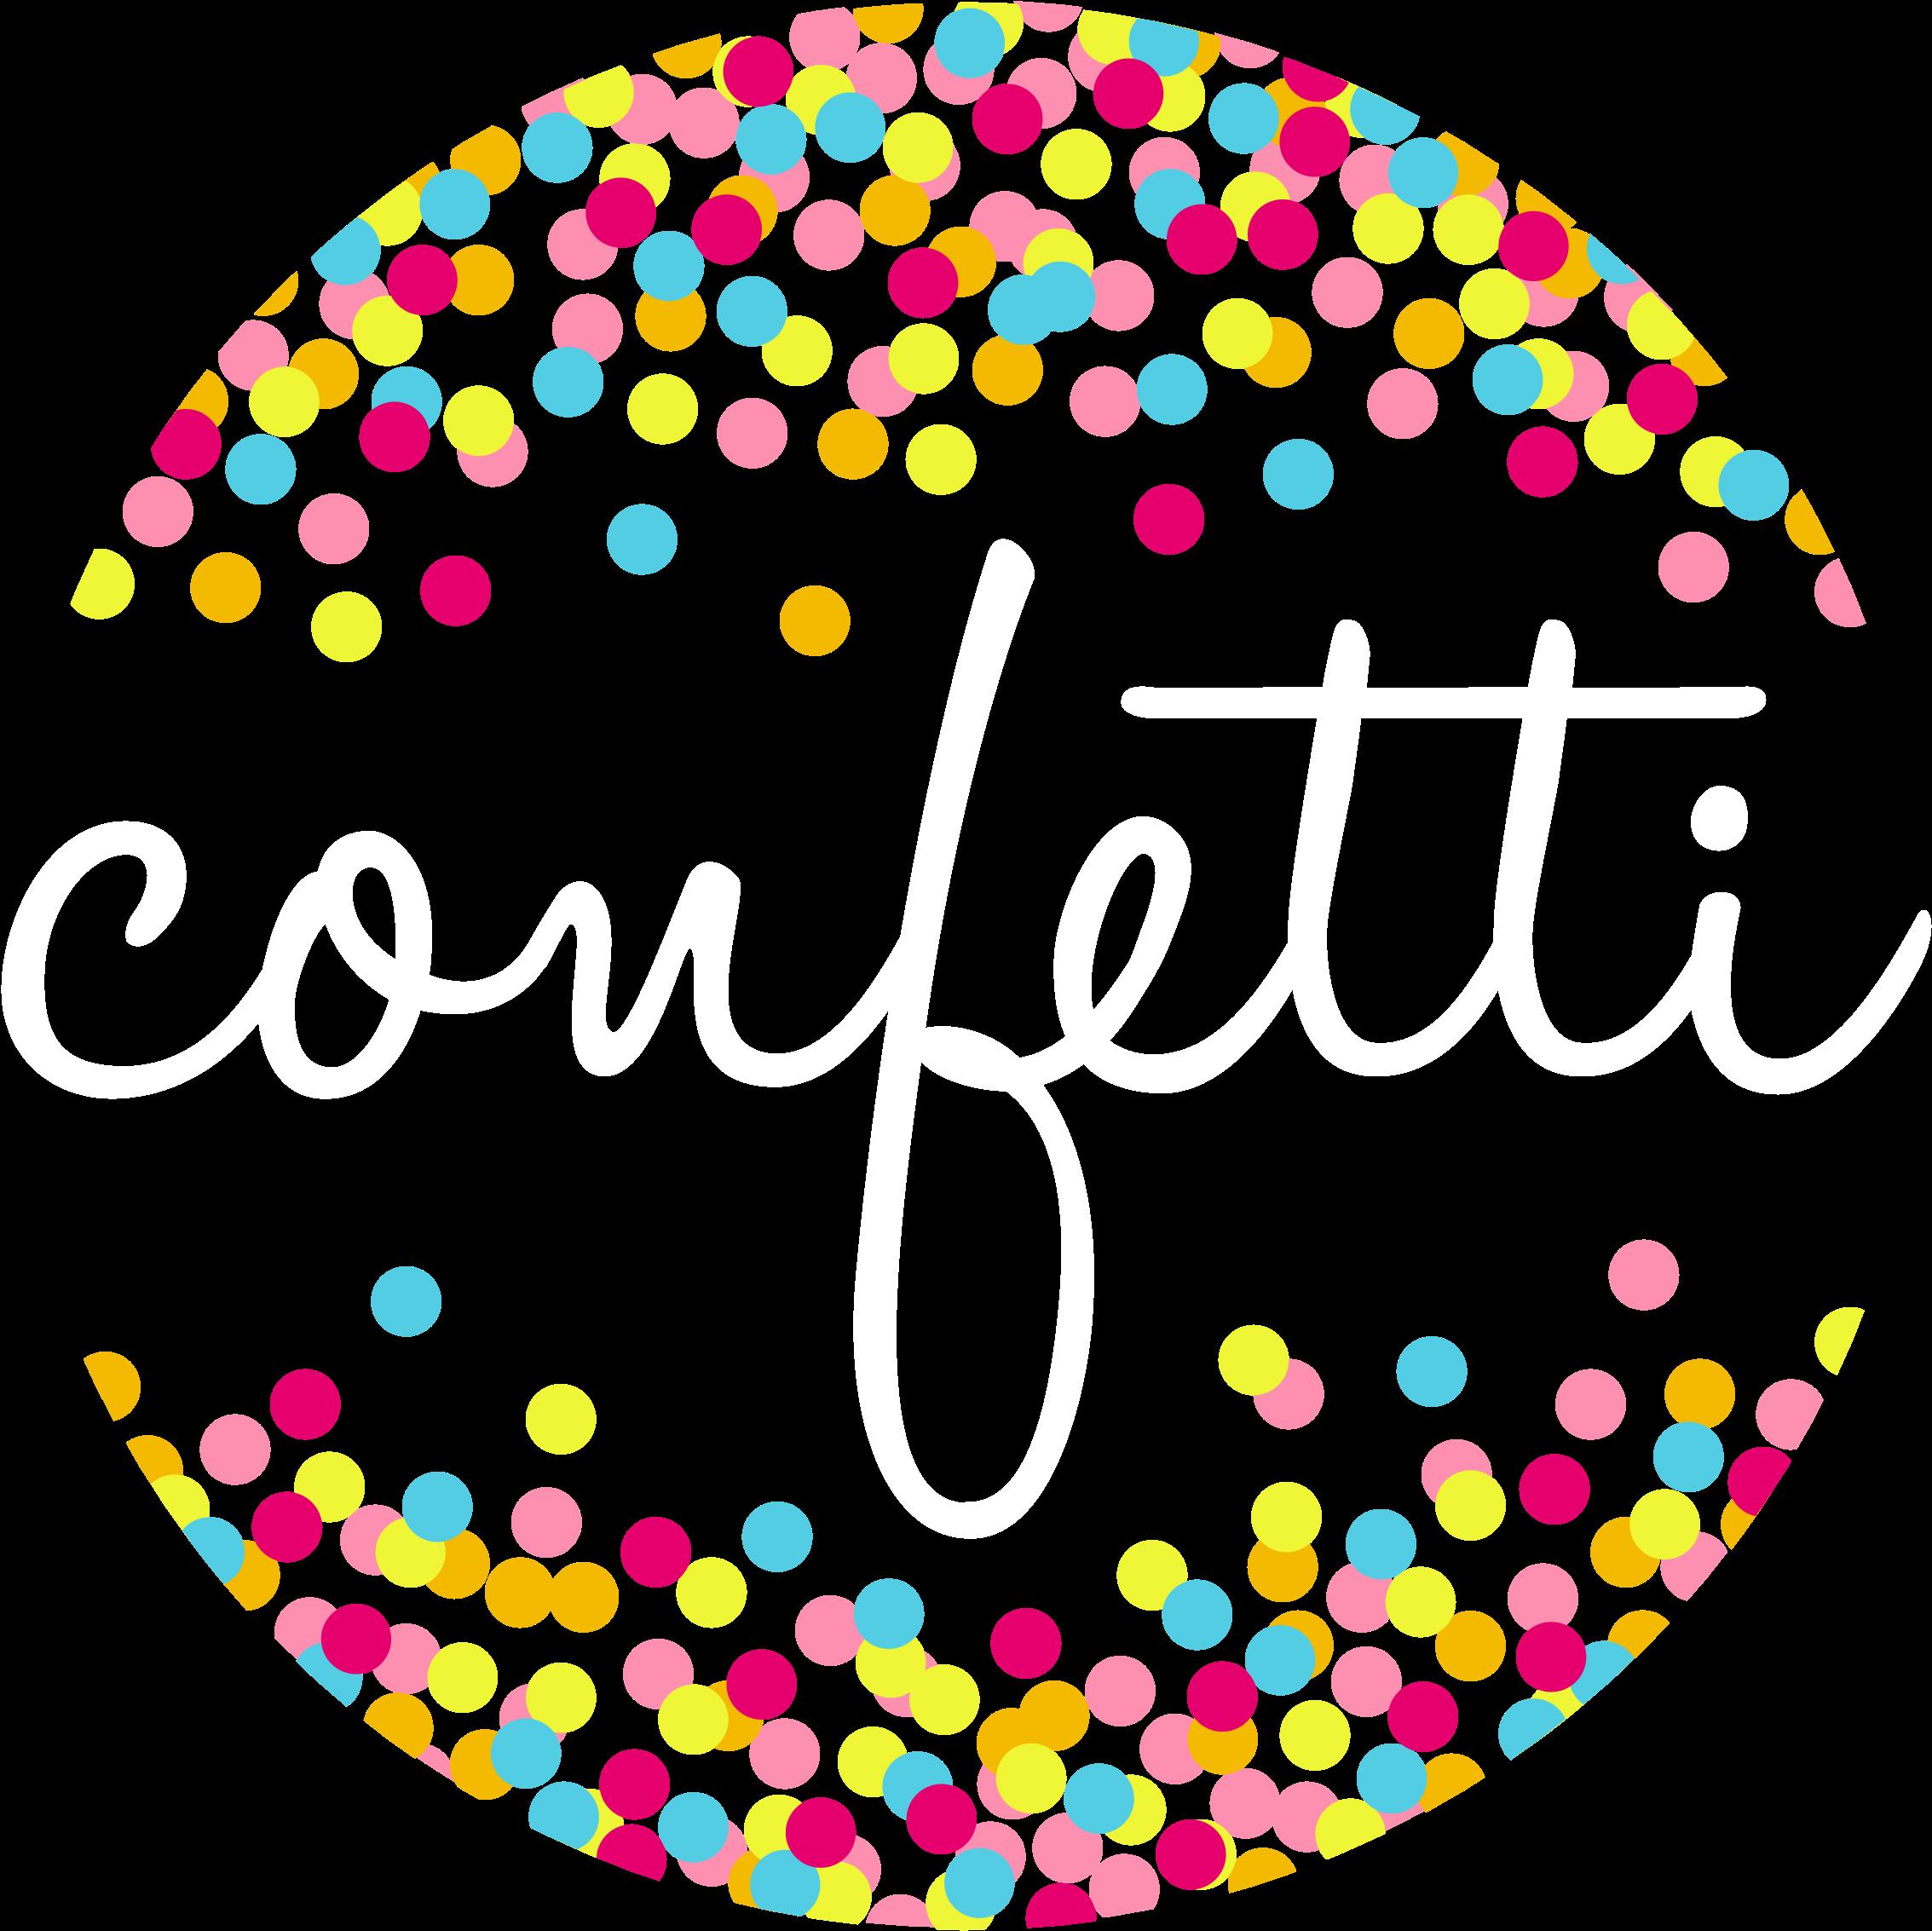 Free Confetti Border Transparent, Download Free Clip Art.